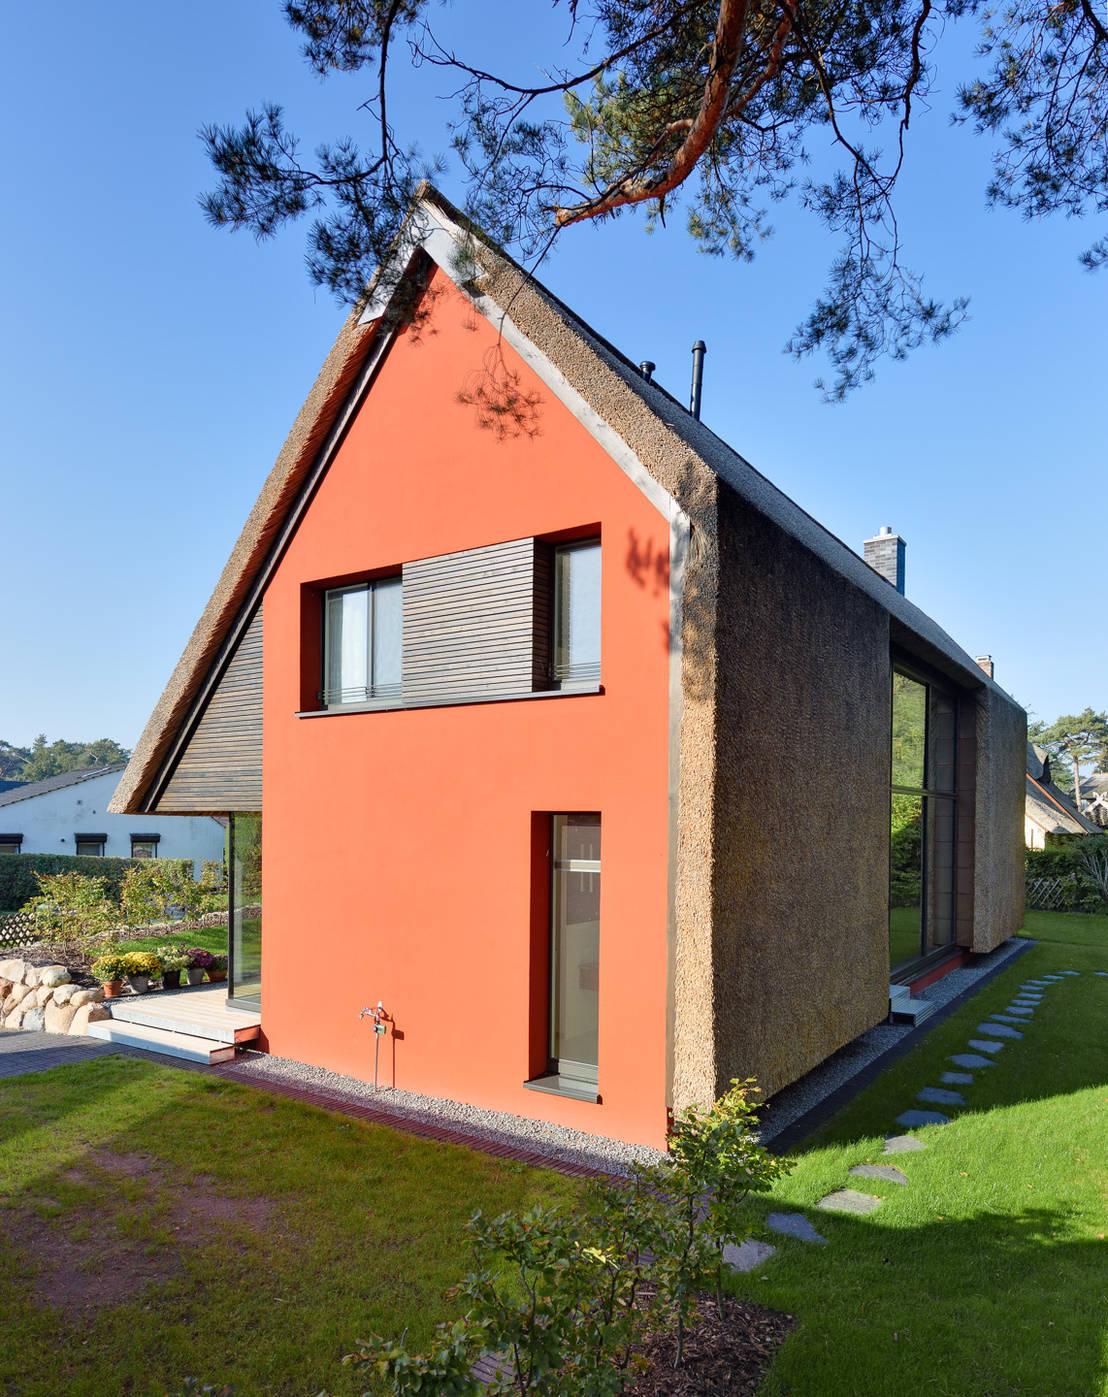 Waldhaus mit durchblick by m hring architekten homify - Mohring architekten ...